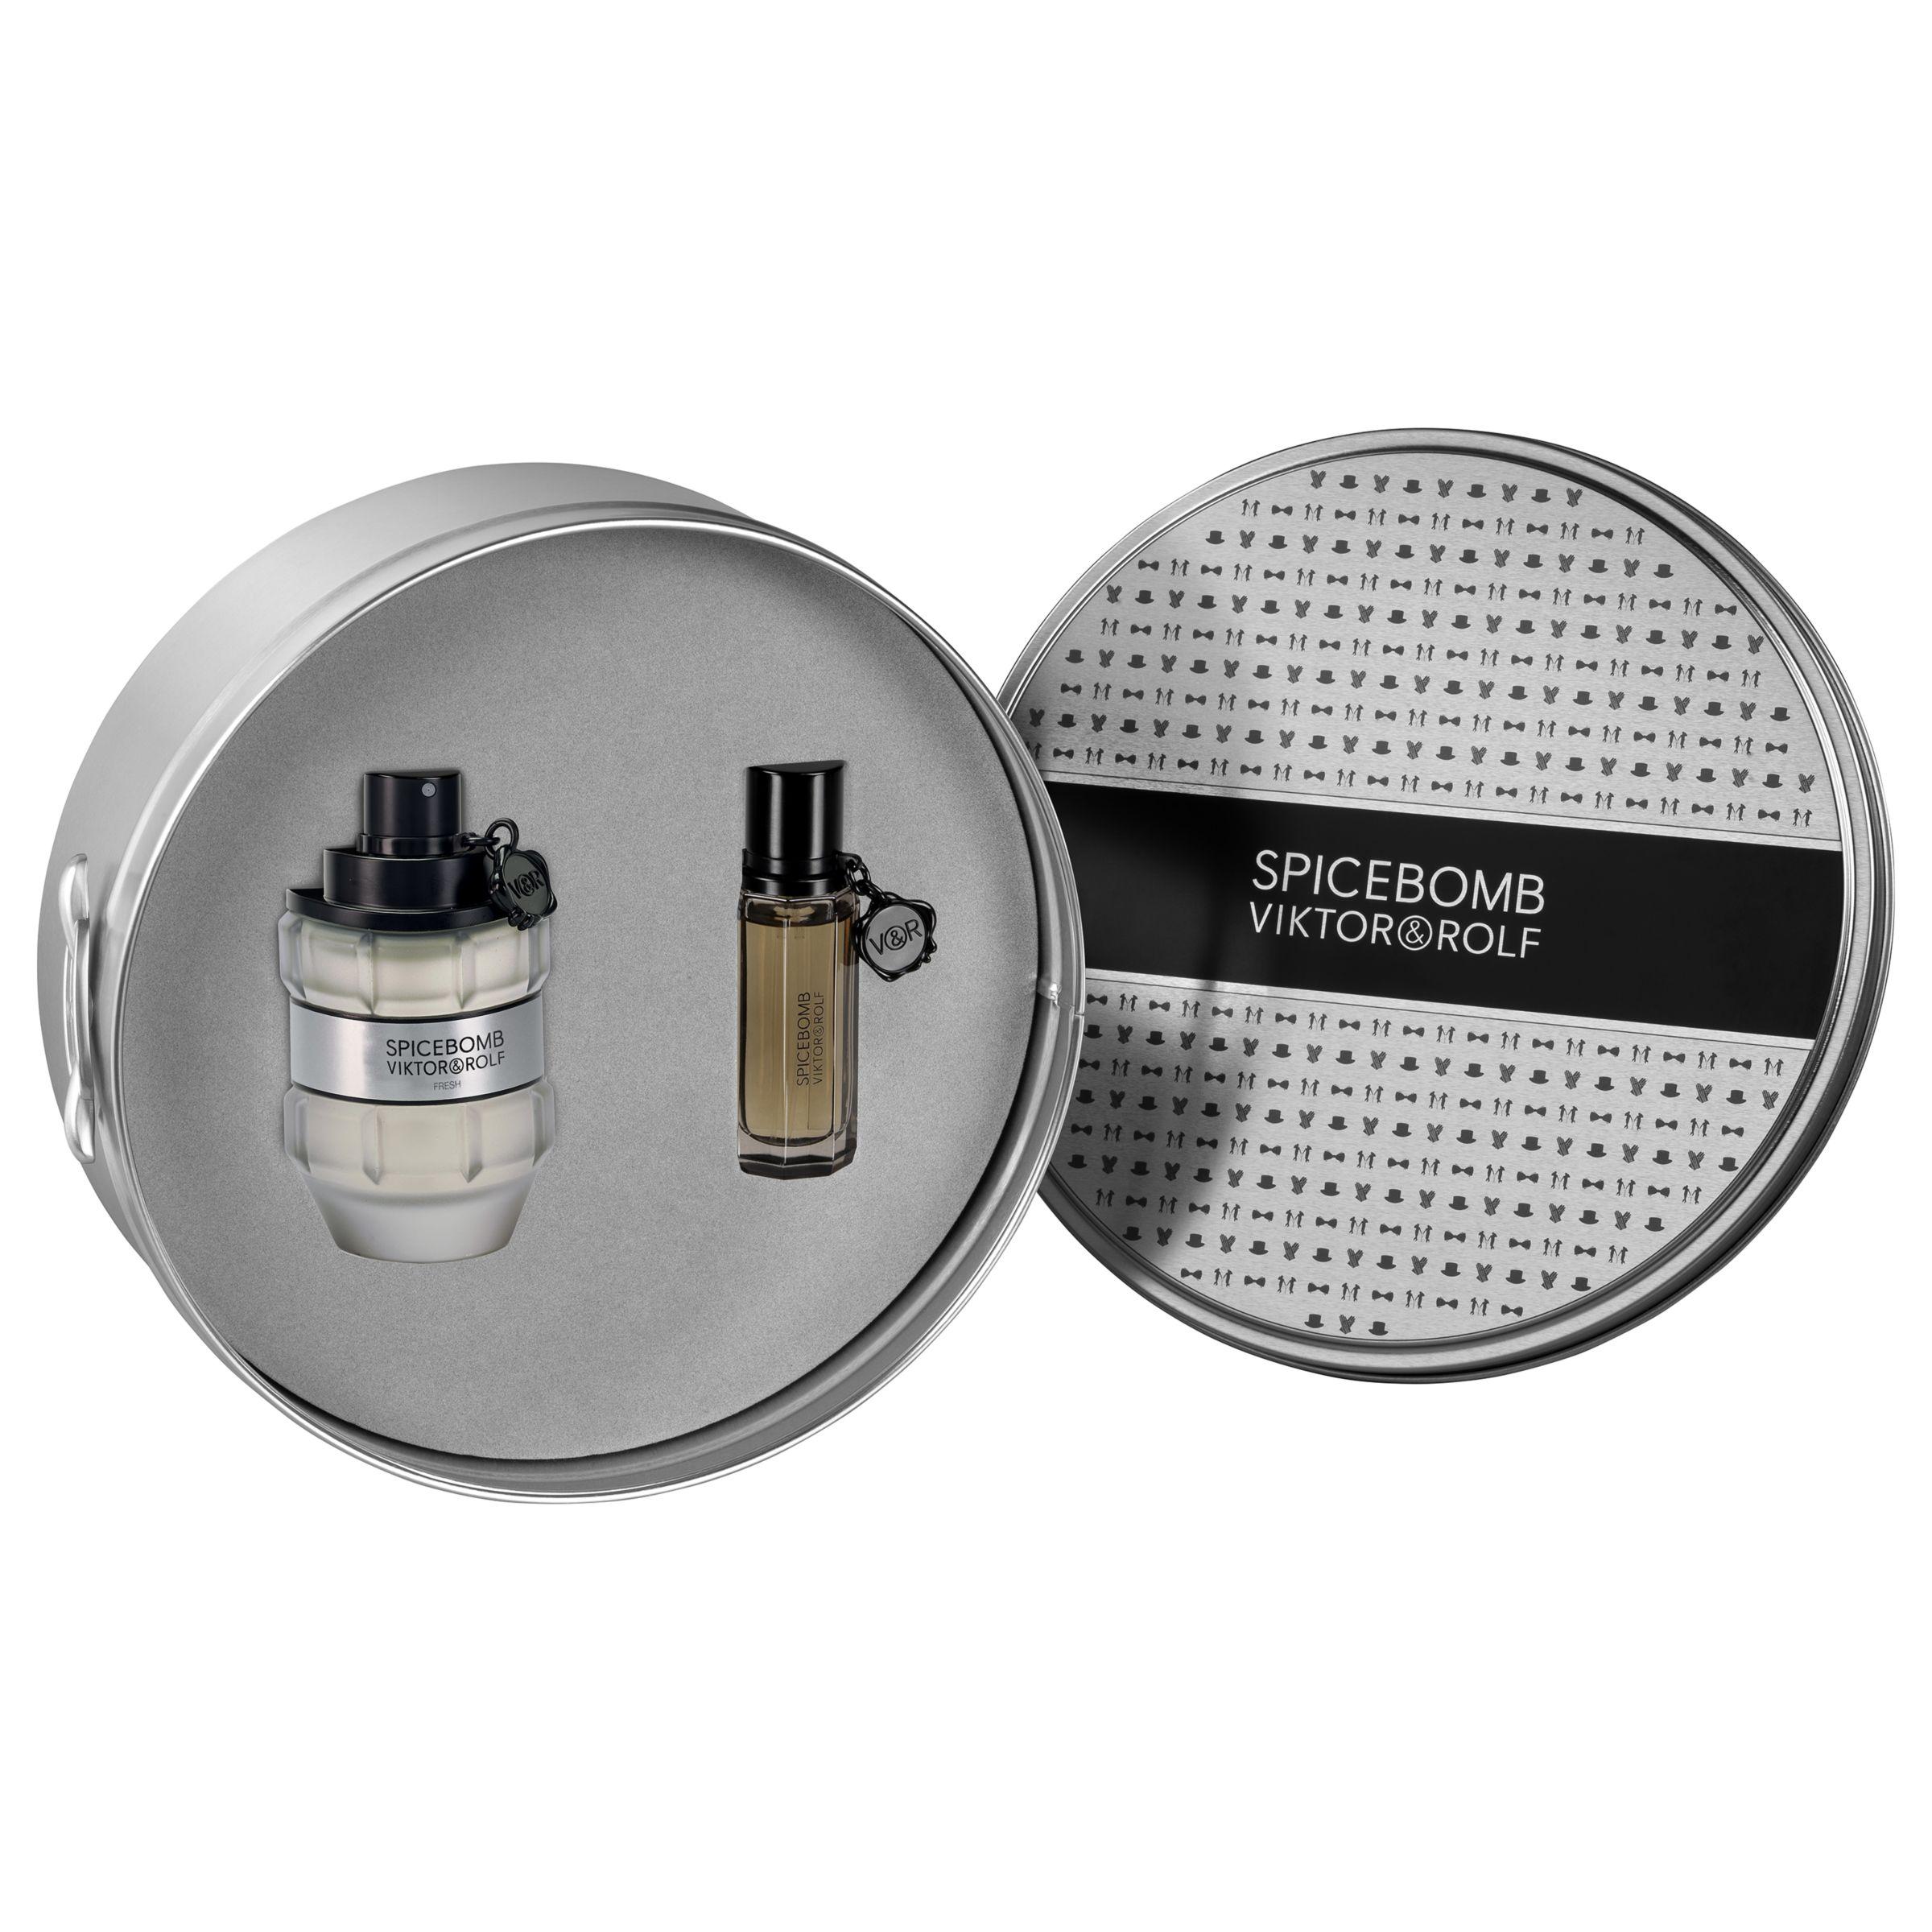 Viktor & Rolf Viktor & Rolf Spicebomb 90ml Eau de Toilette Fragrance Gift Set